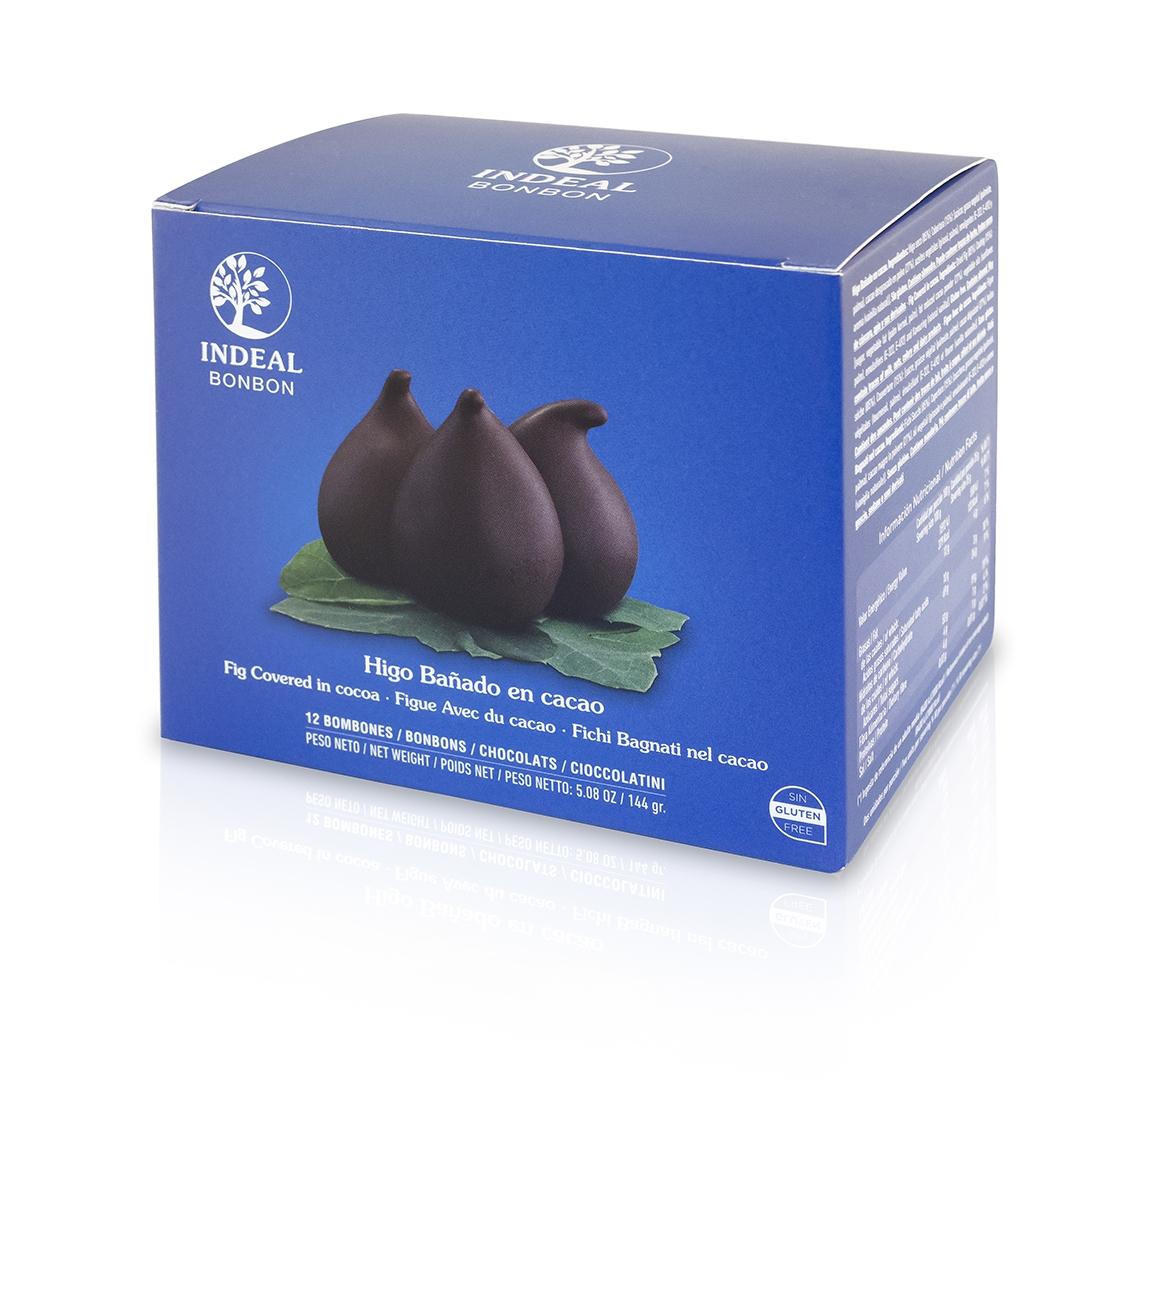 Figos glaistytos šokoladu INDEAL, 144g